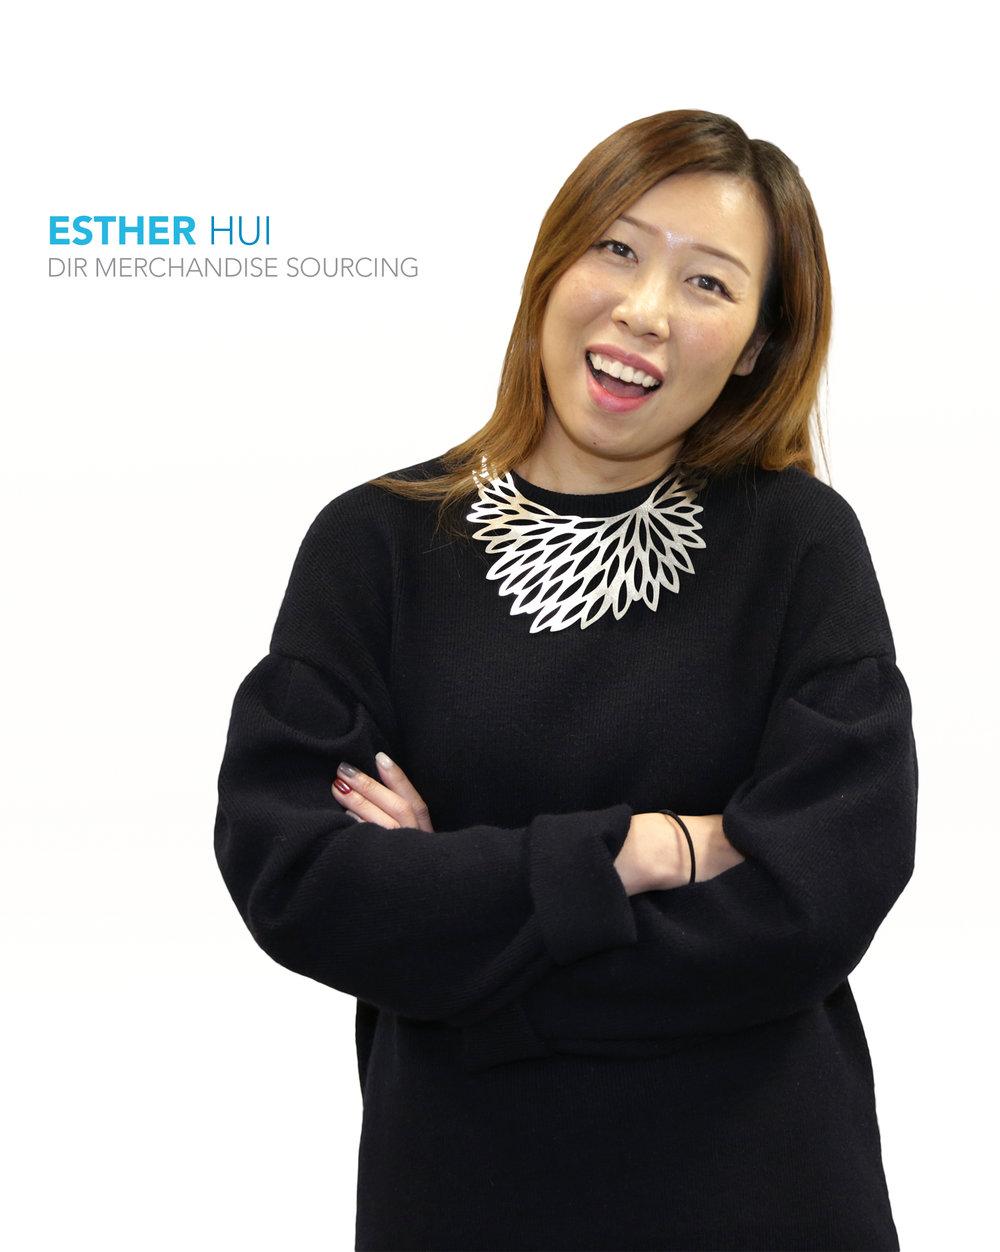 Esther Hui MAIN.jpg